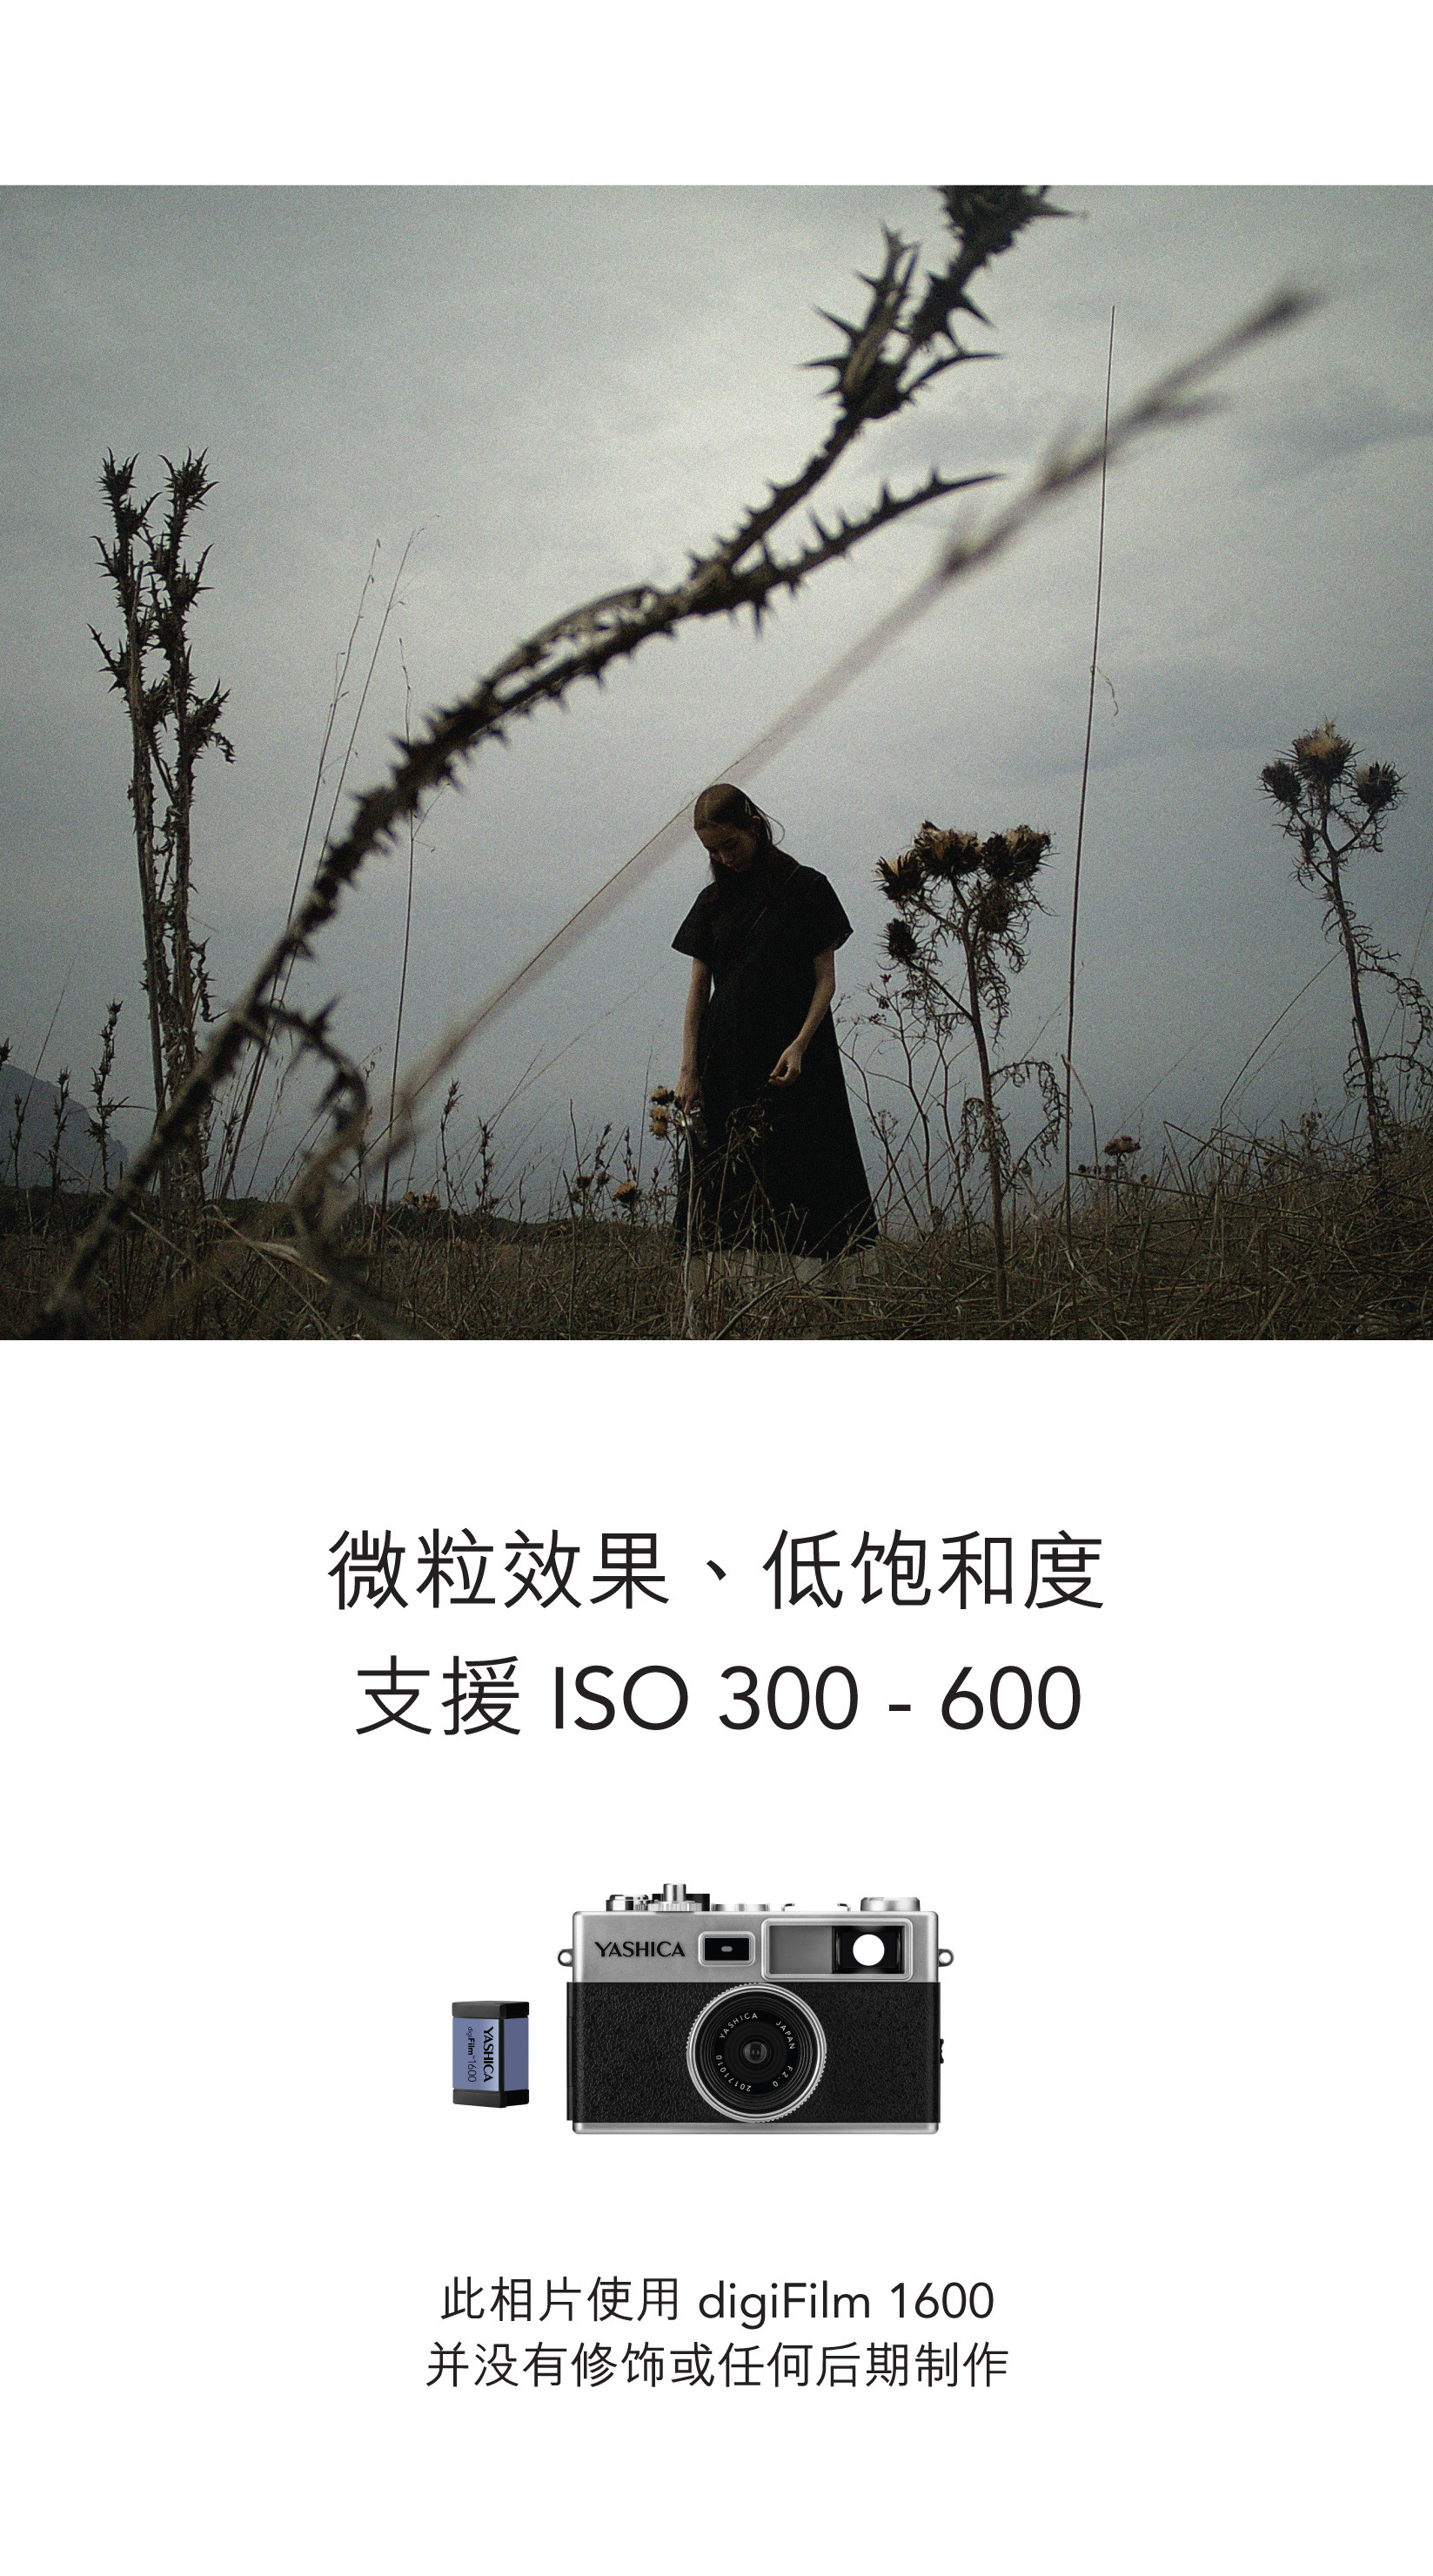 Y35-CN_part-1-19.jpg